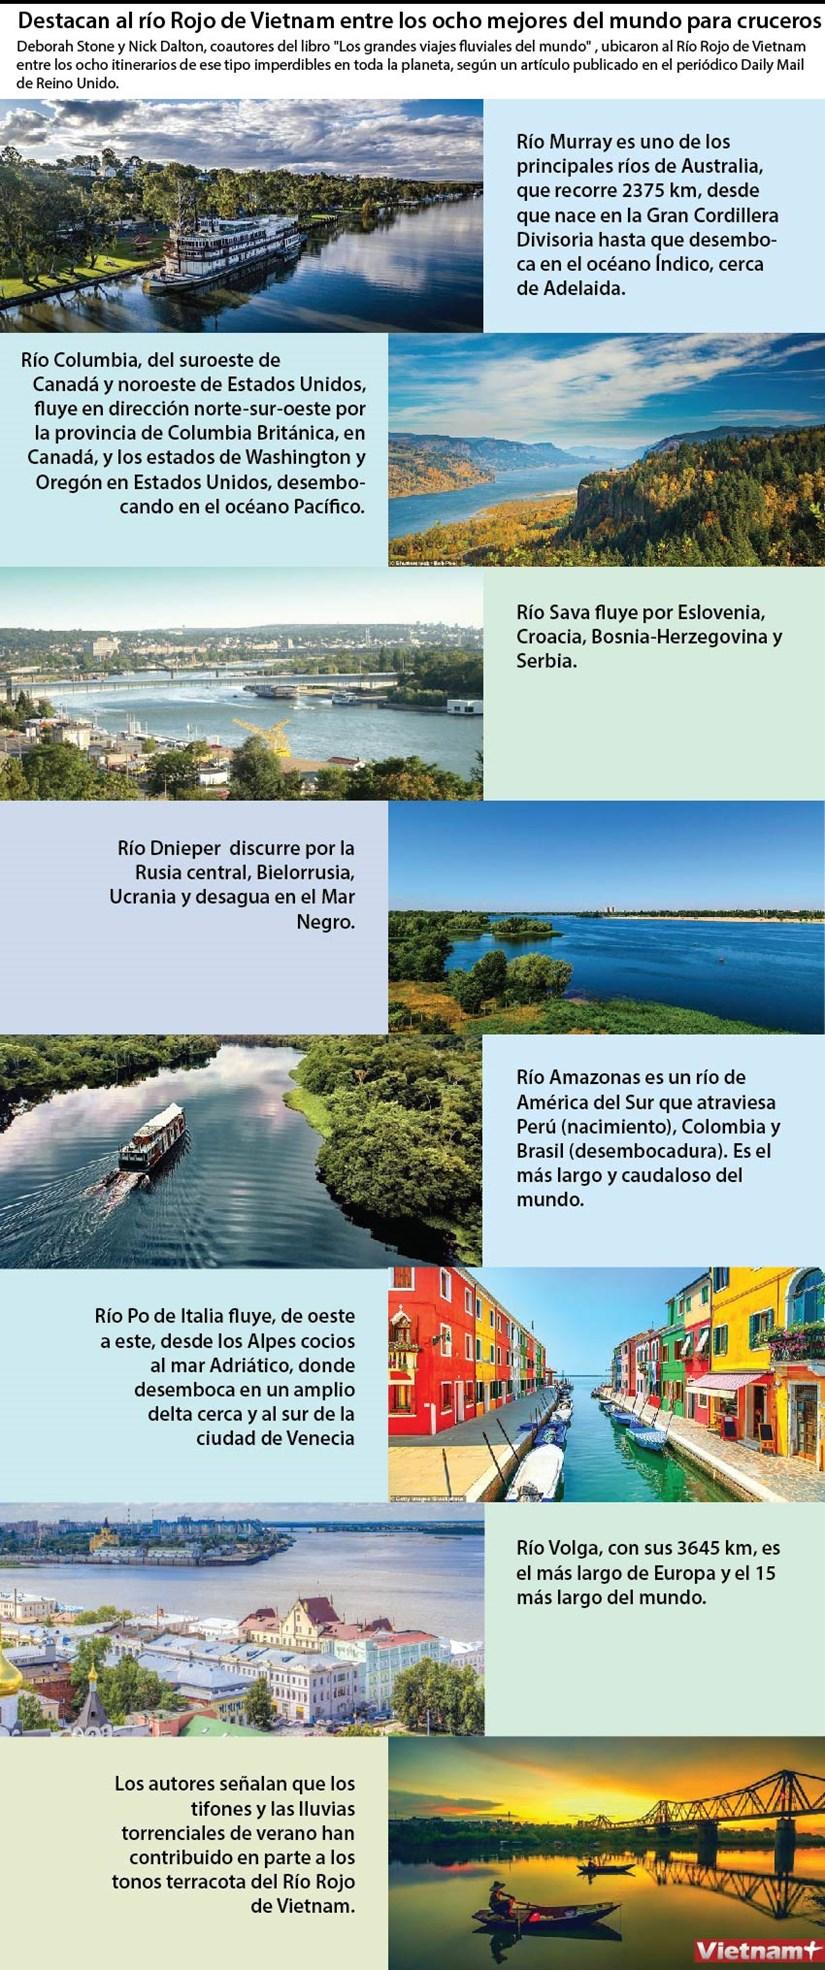 [Infografia] Destacan al rio Rojo de Vietnam entre los ocho mejores del mundo para cruceros hinh anh 1